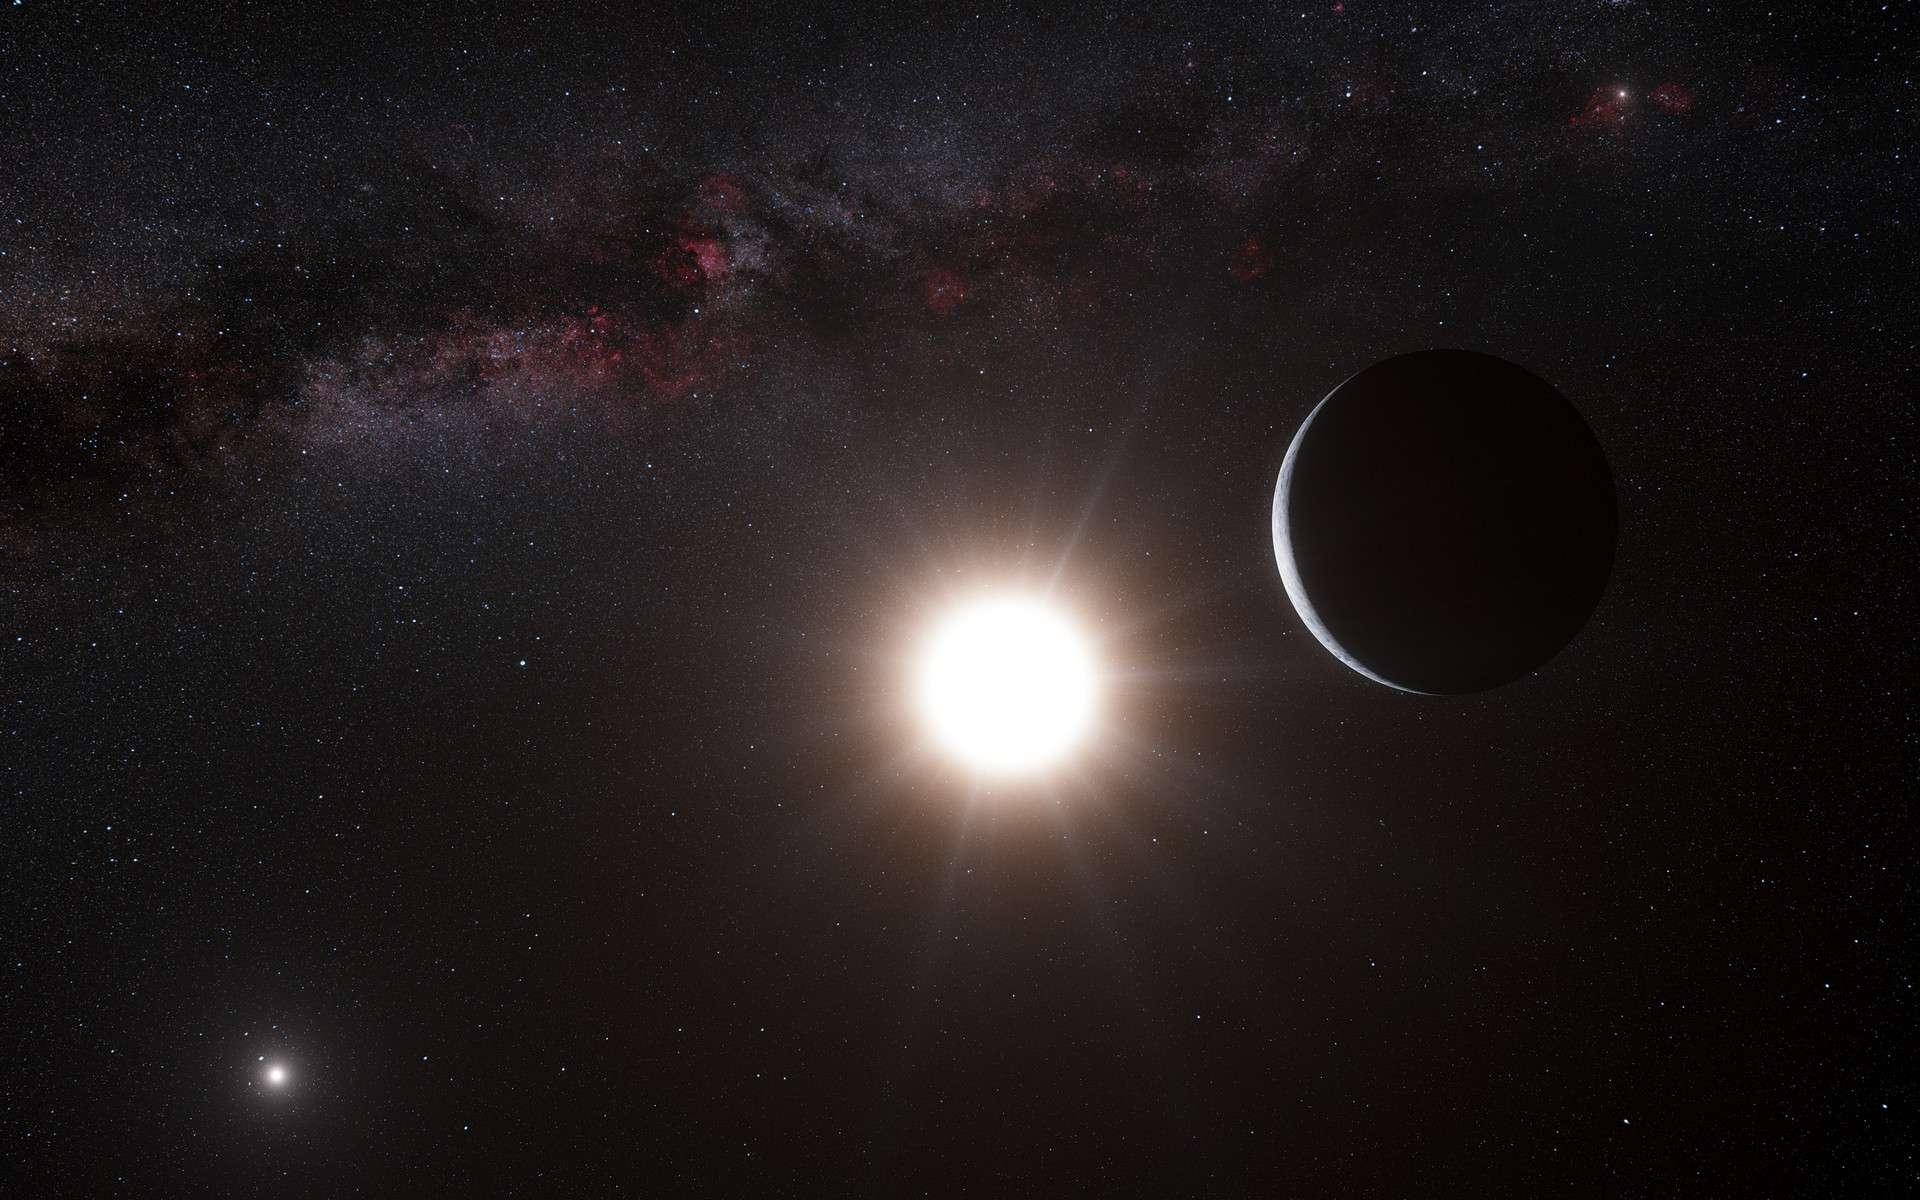 La Nasa envisage une mission vers Alpha du Centaure. Ici, illustration d'une planète en orbite autour d'Alpha du Centaure B. L'étoile qui brille en bas à gauche est Alpha du Centaure A. L'objet le plus brillant en haut à droite est le Soleil, distant de 4,3 années-lumière. © L. Calçada, Nick Risinger, ESO